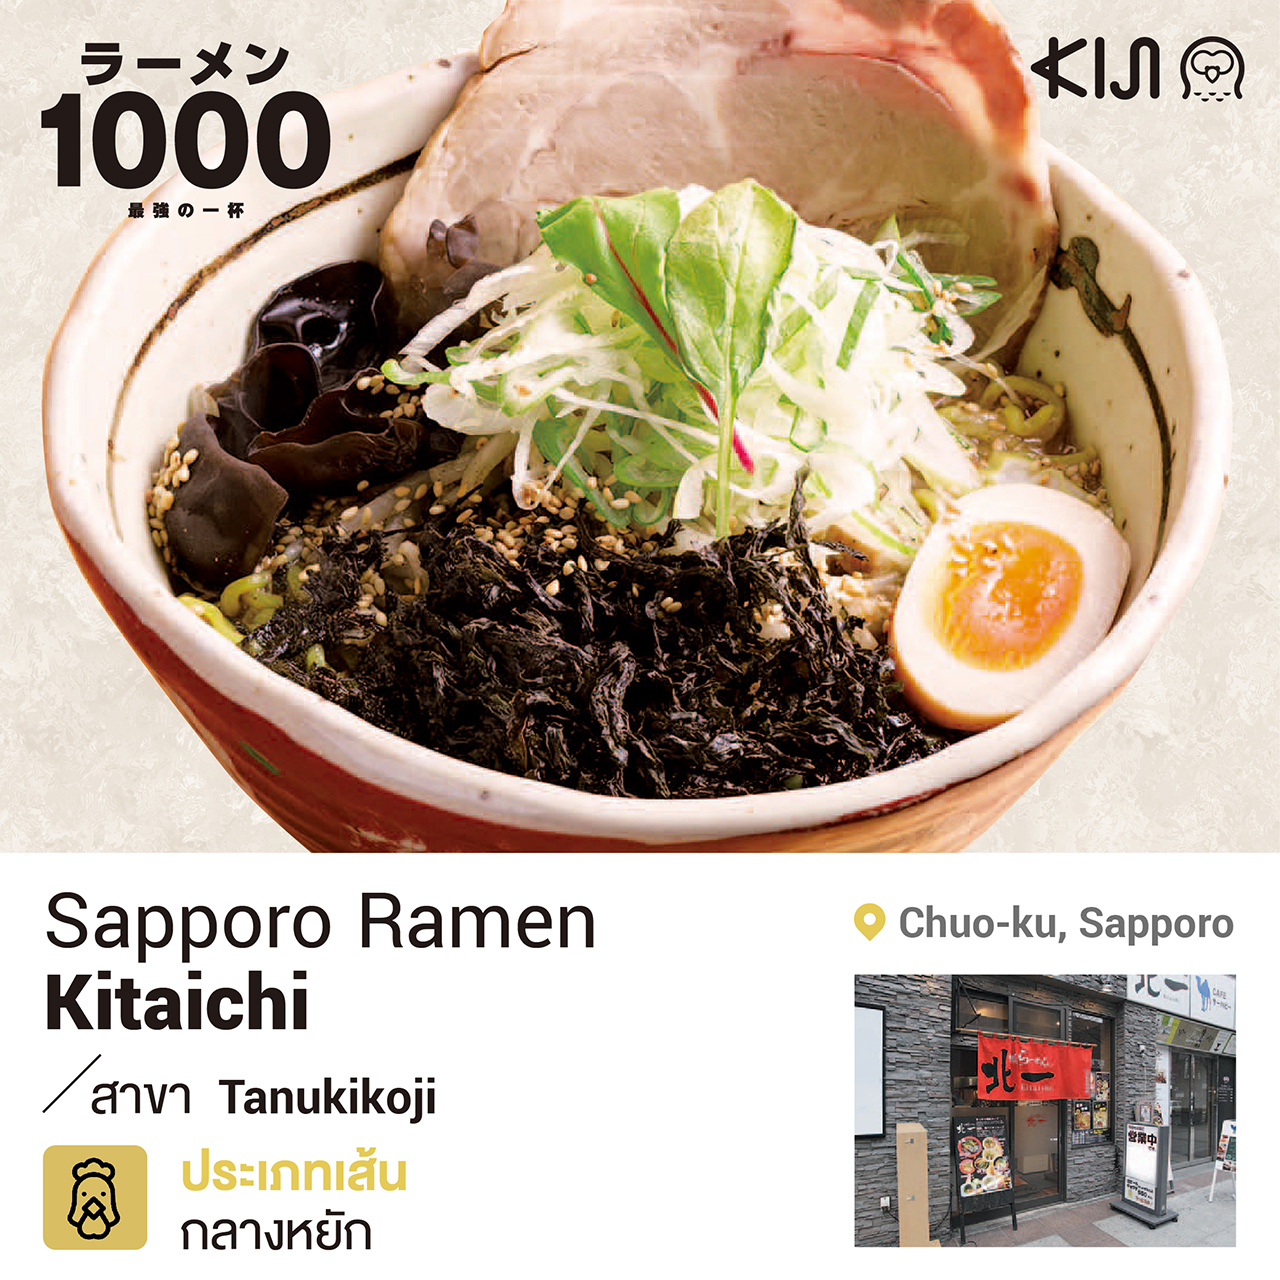 ร้านราเมน เขตชูโอ เมืองซัปโปโร จ.ฮอกไกโด - Sapporo Ramen Kitaichi สาขา Tanukikoji